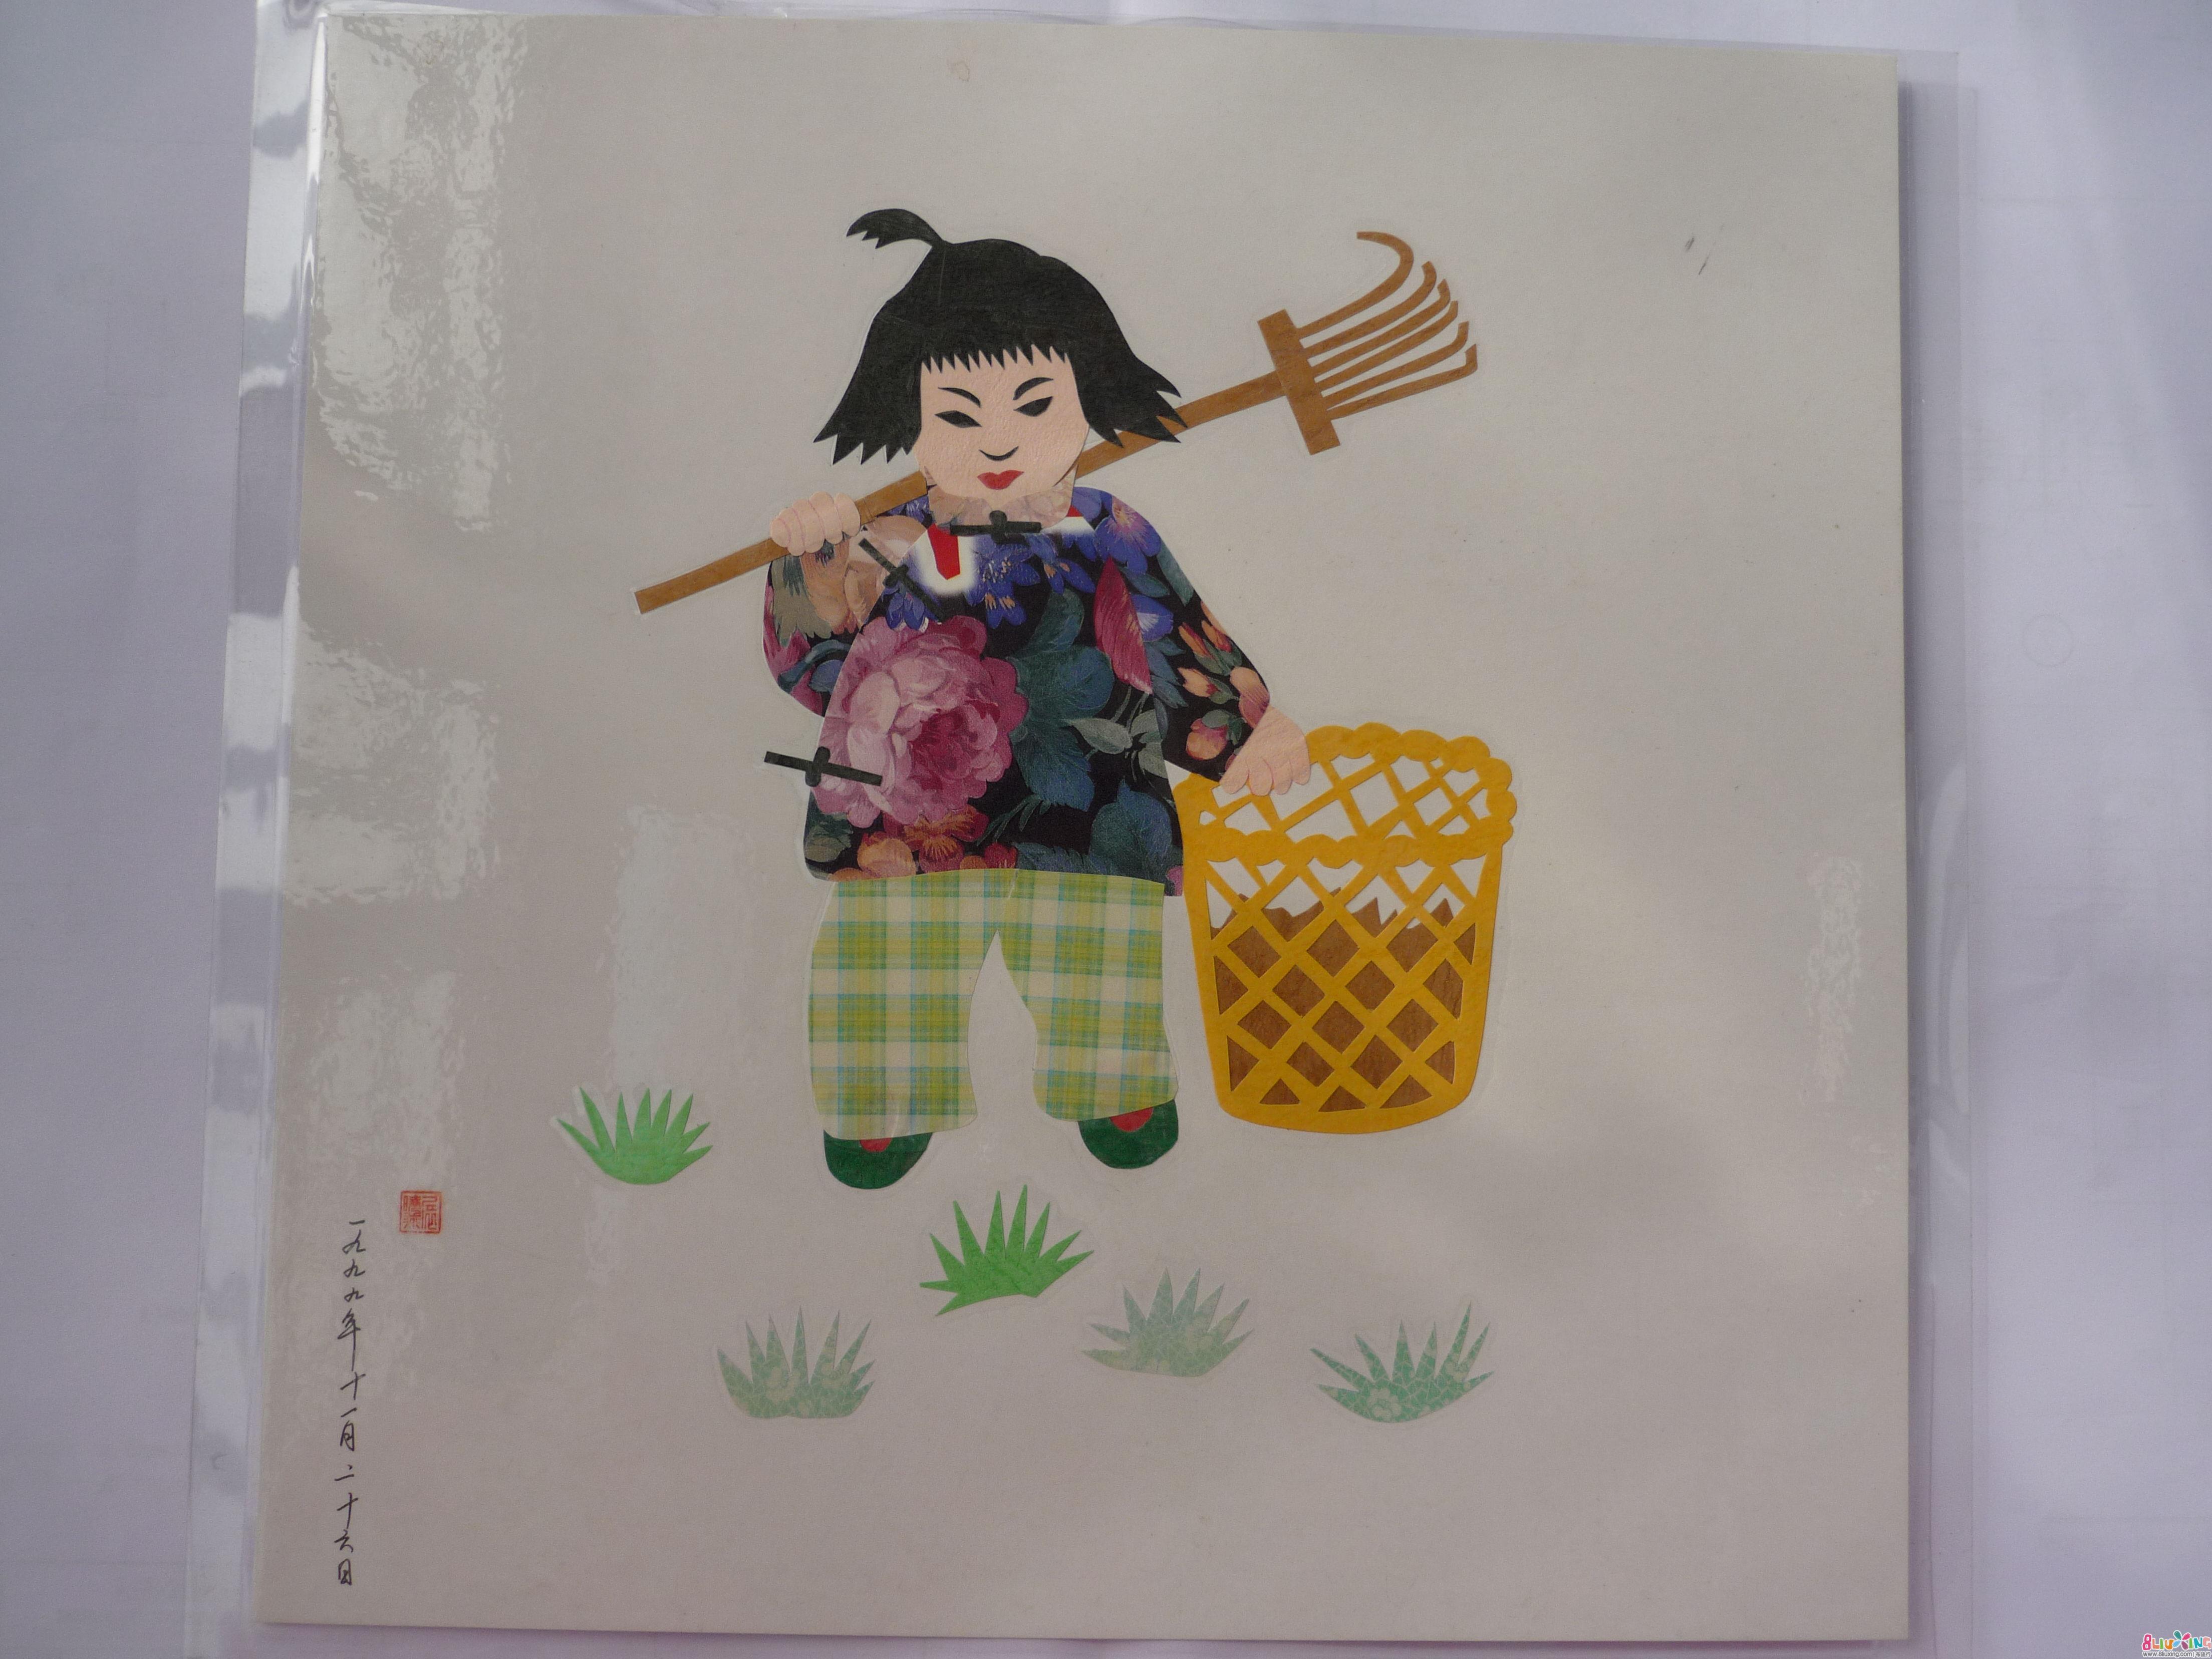 手绞工贴画 海绵纸花朵手工贴画 幼儿园手工撕贴画 用树叶做的手工